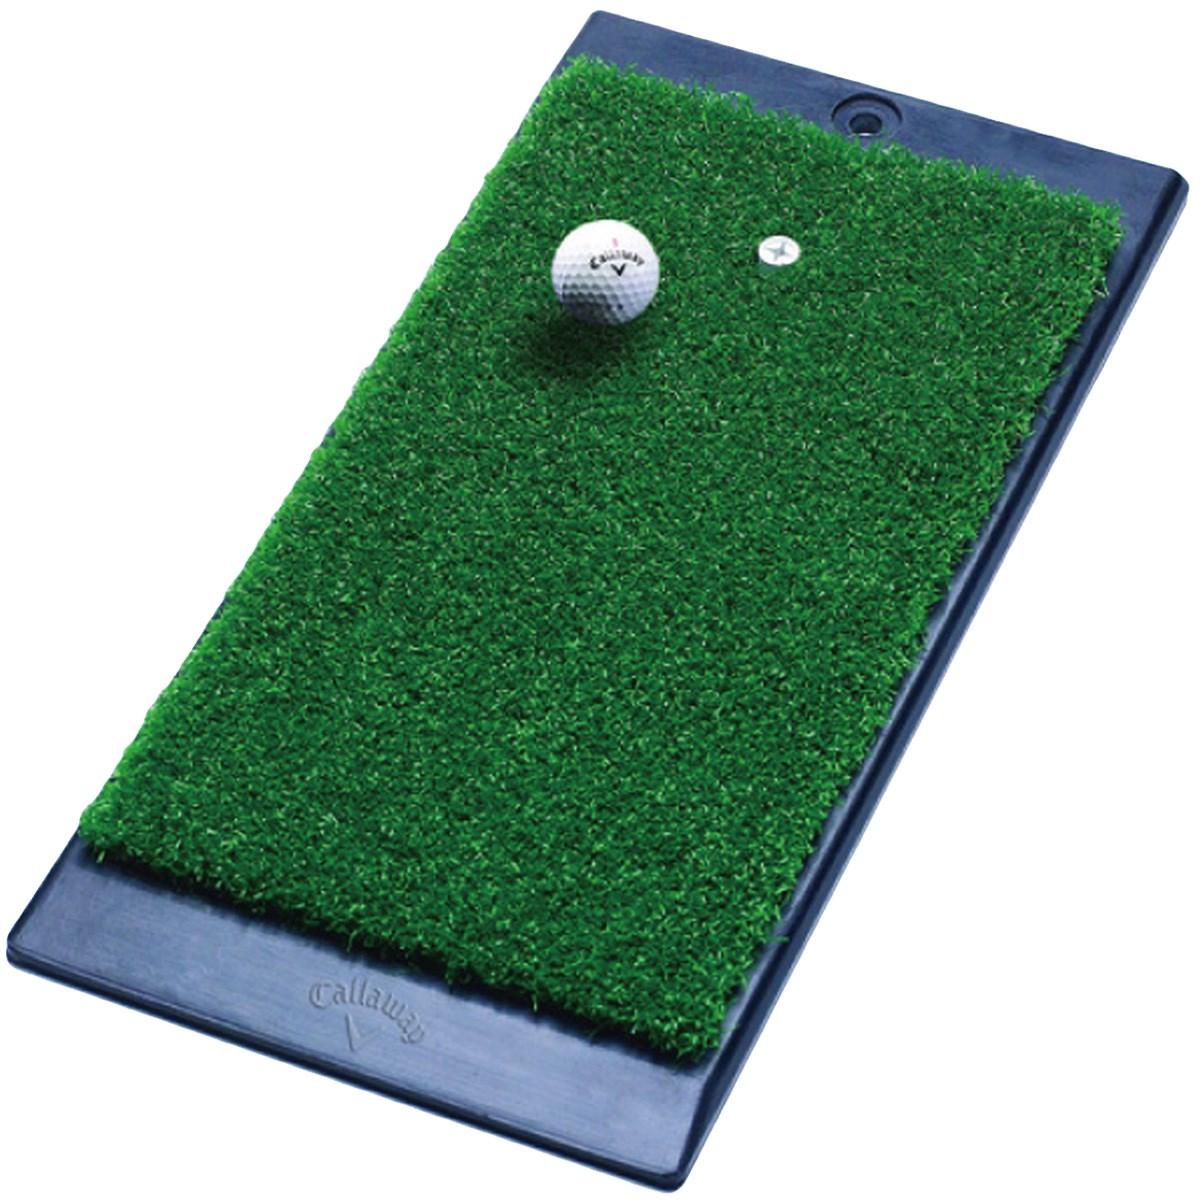 キャロウェイゴルフ Callaway Golf FT LAUNCH ZONE LARGE マット グリーン